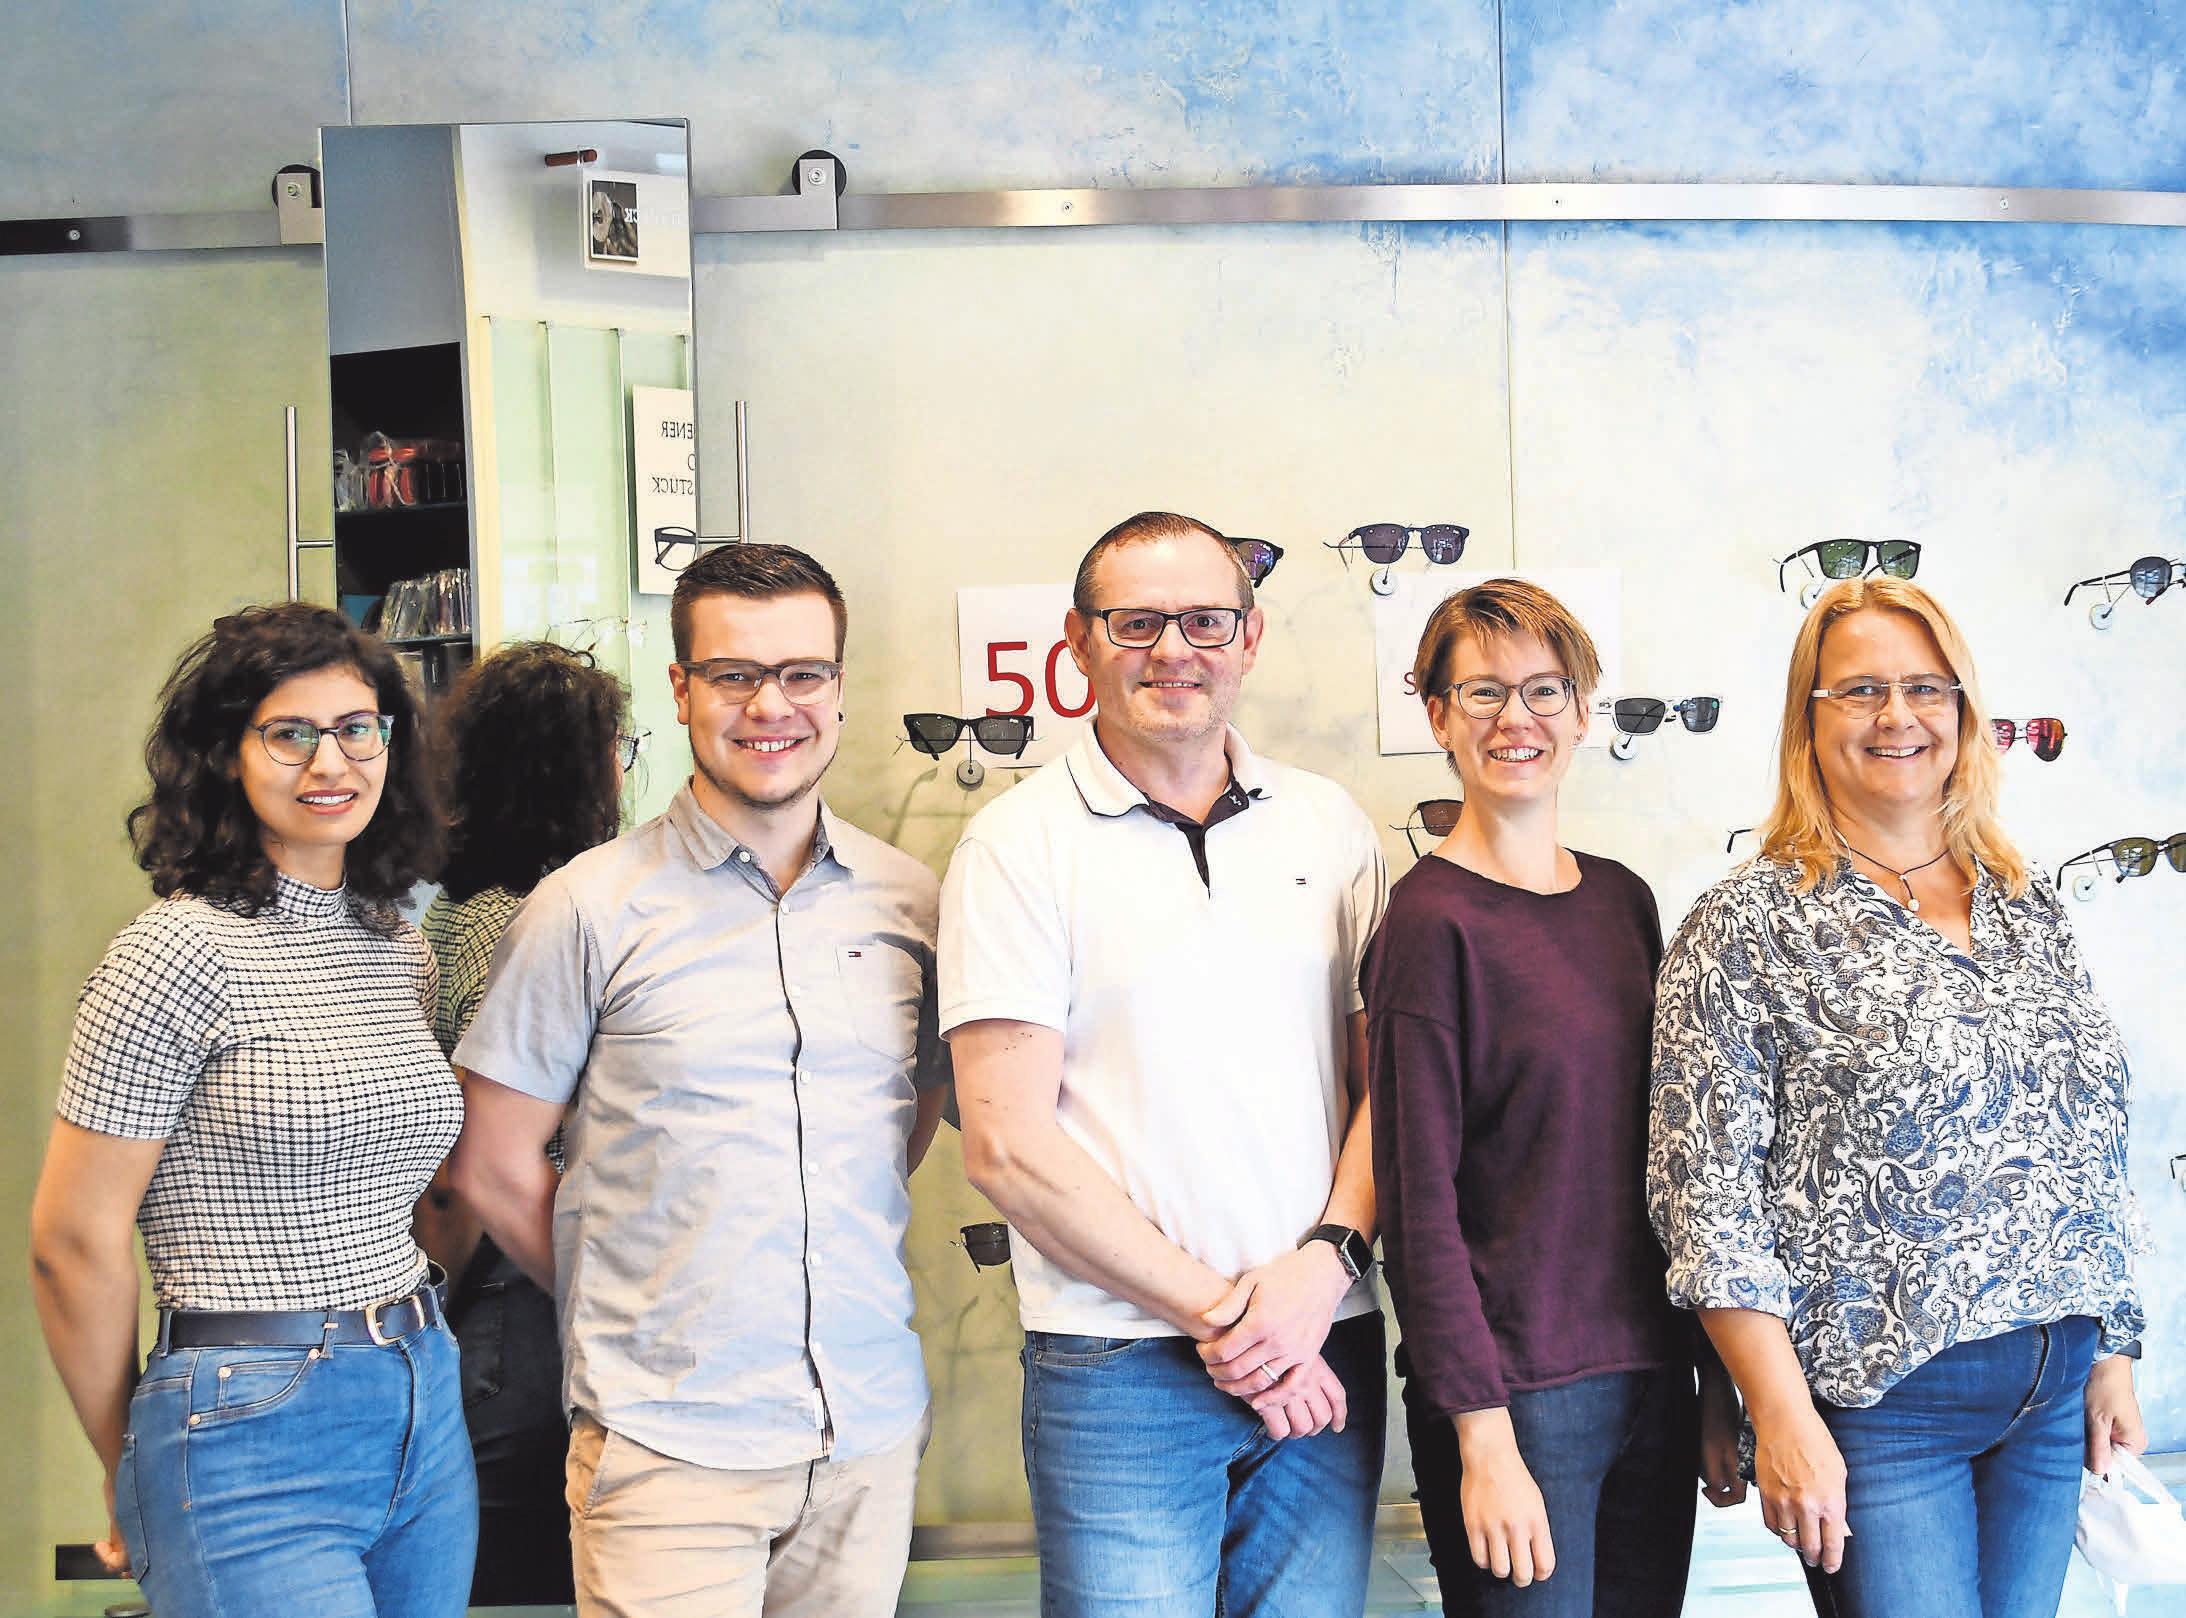 Gehen gern auf die individuellen Bedürfnisse der Kunden ein: Sara Mahmoun (von links), Philipp Ries, Uwe Konnerth, Sandra Riemann und Claudia Bühler von Damboldt Optik.